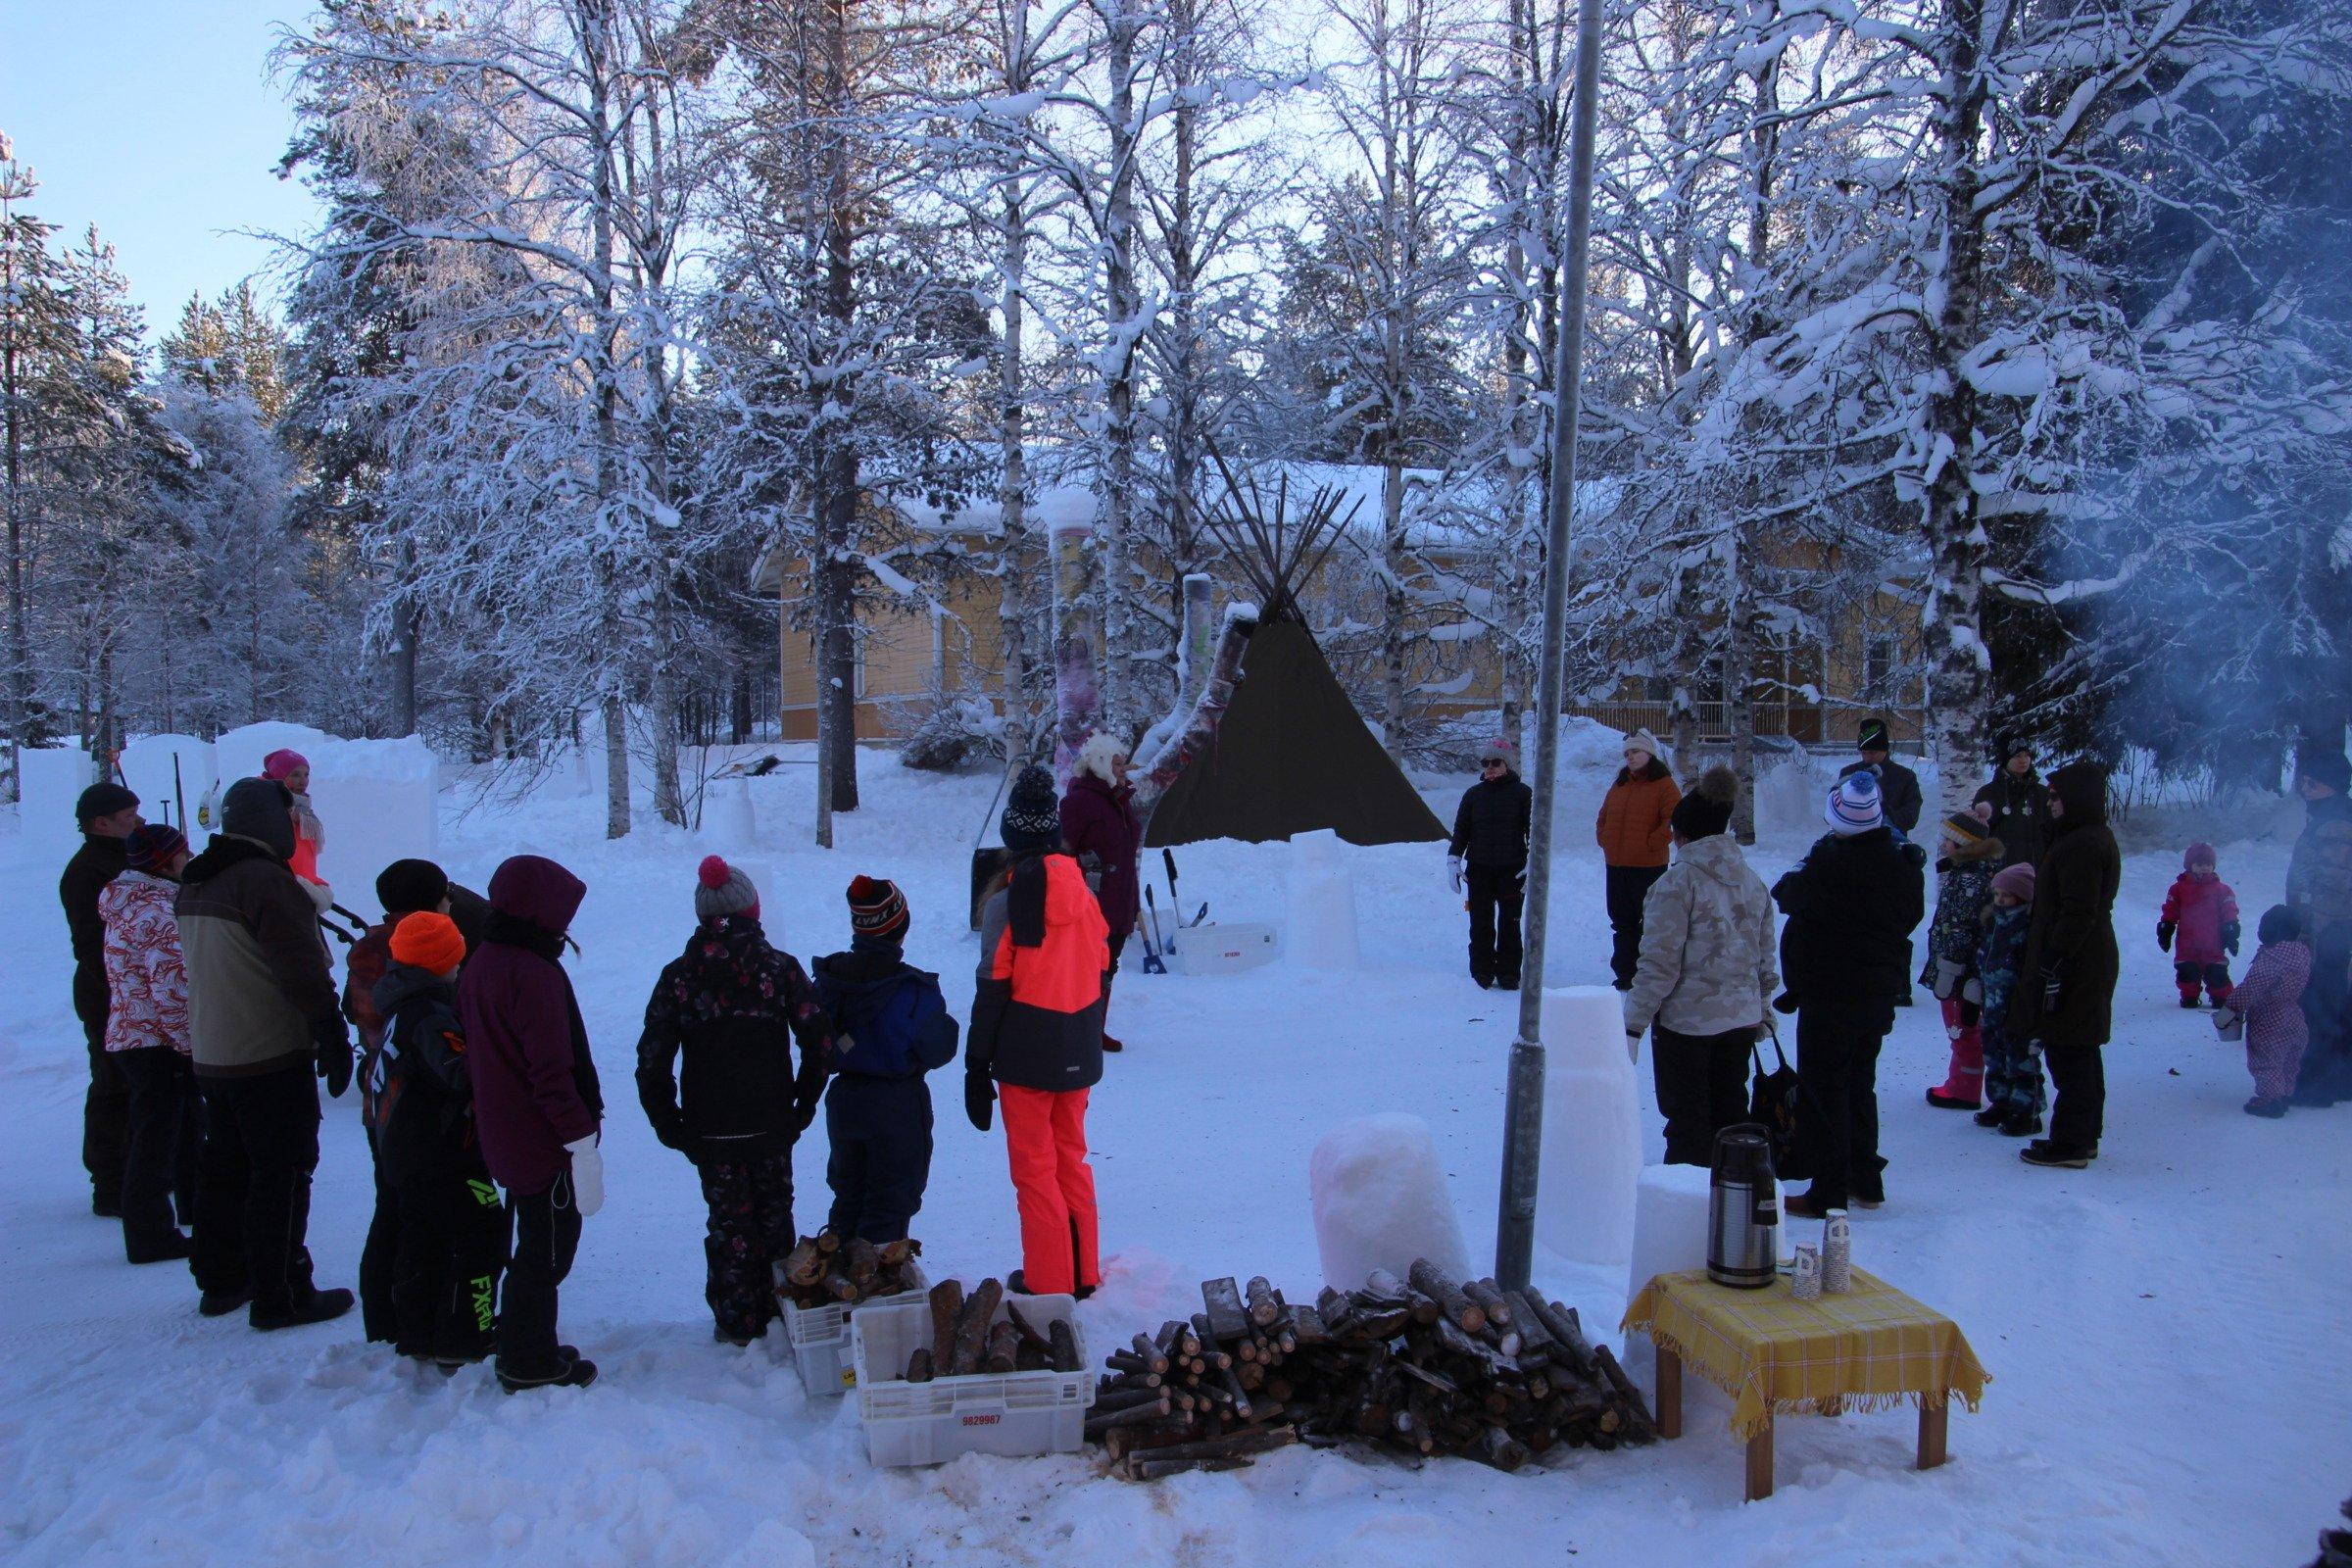 Ystävänpäivän lumenveistotapahtuma Nivankylässä (c) Ari Laakso 2021